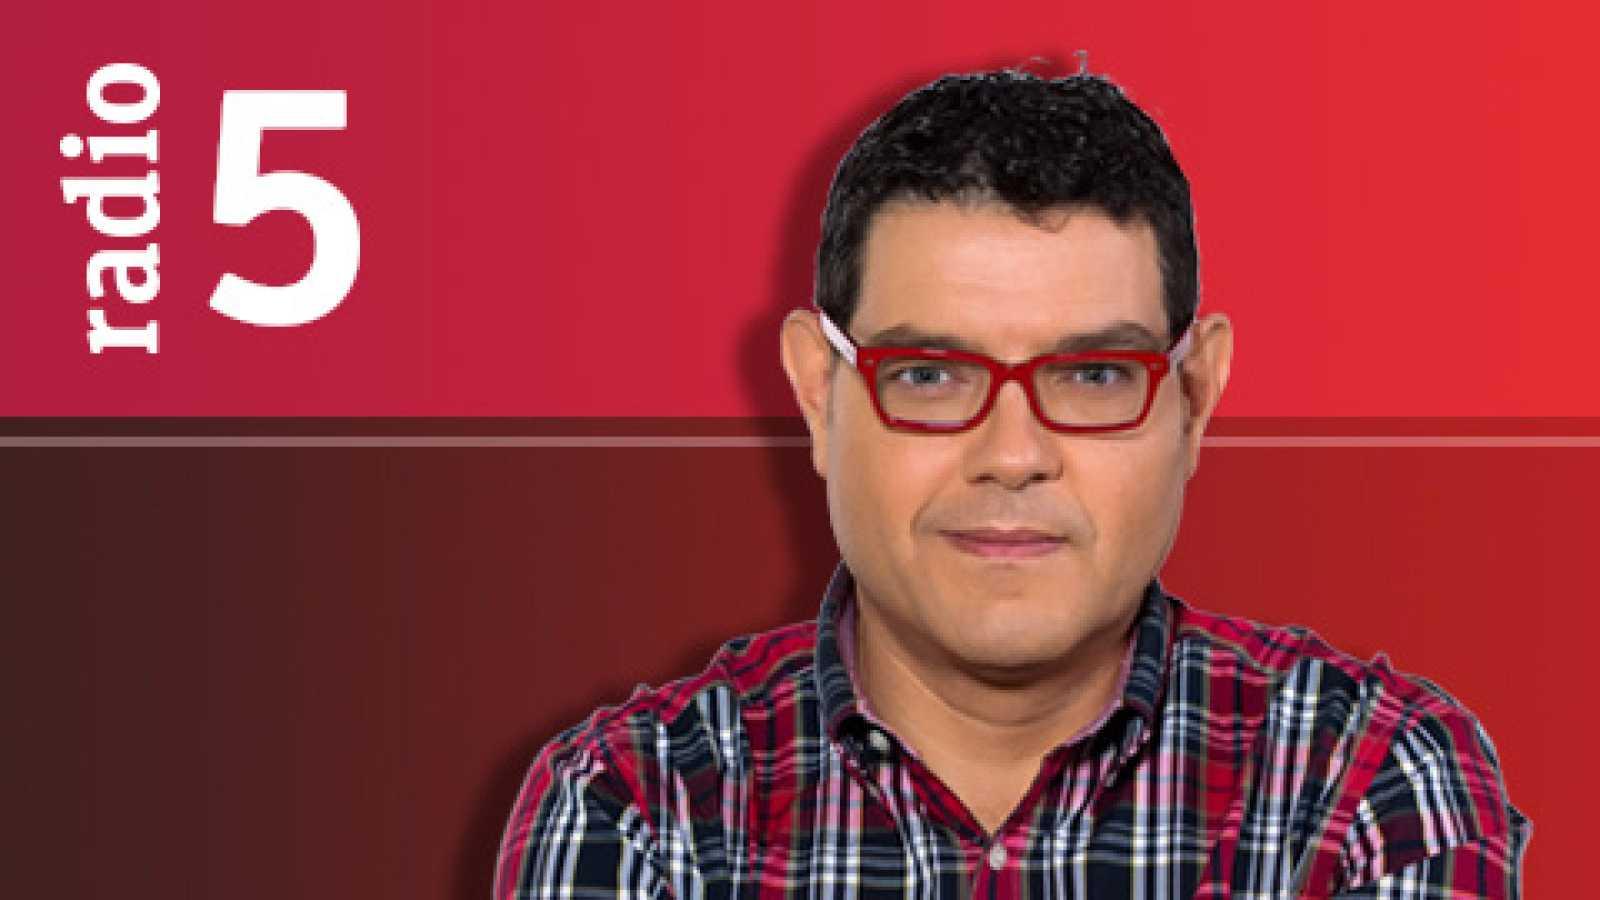 La entrevista de Radio 5 - Francisco Mestre - 17/12/20 - Escuchar ahora